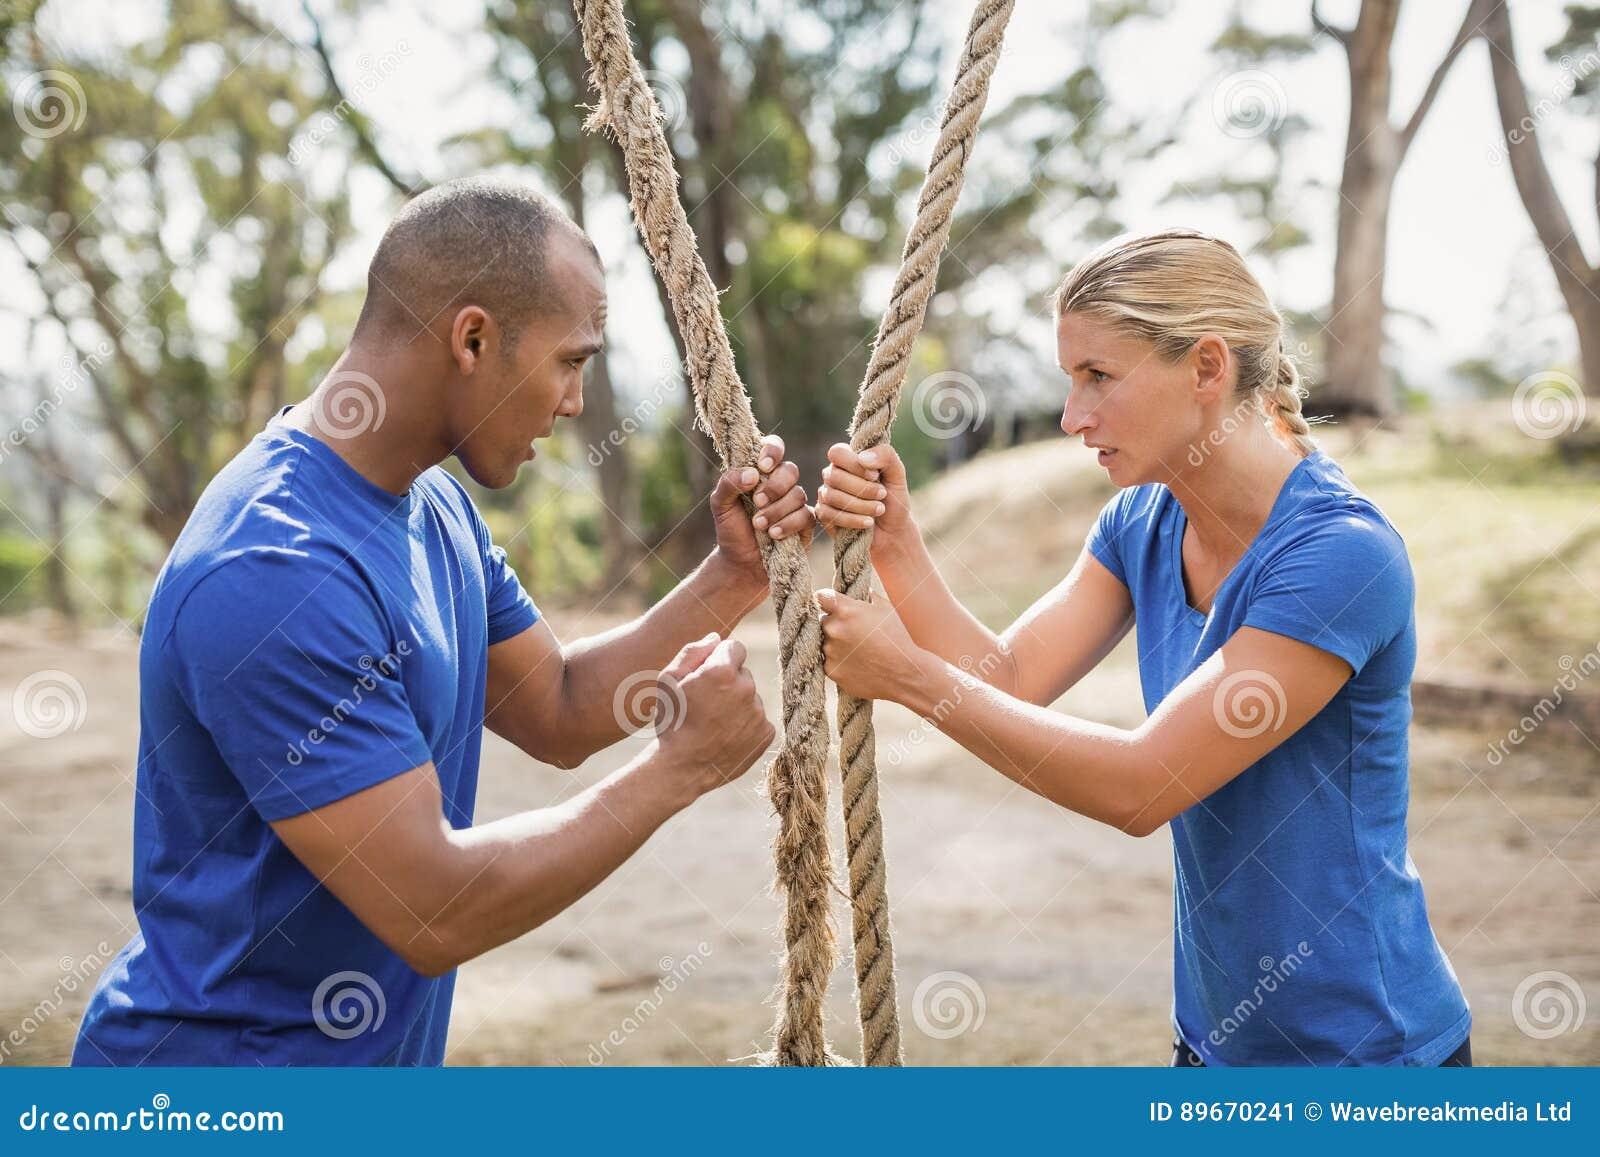 Istruttore maschio che assiste donna nella corda che scala durante la corsa ad ostacoli